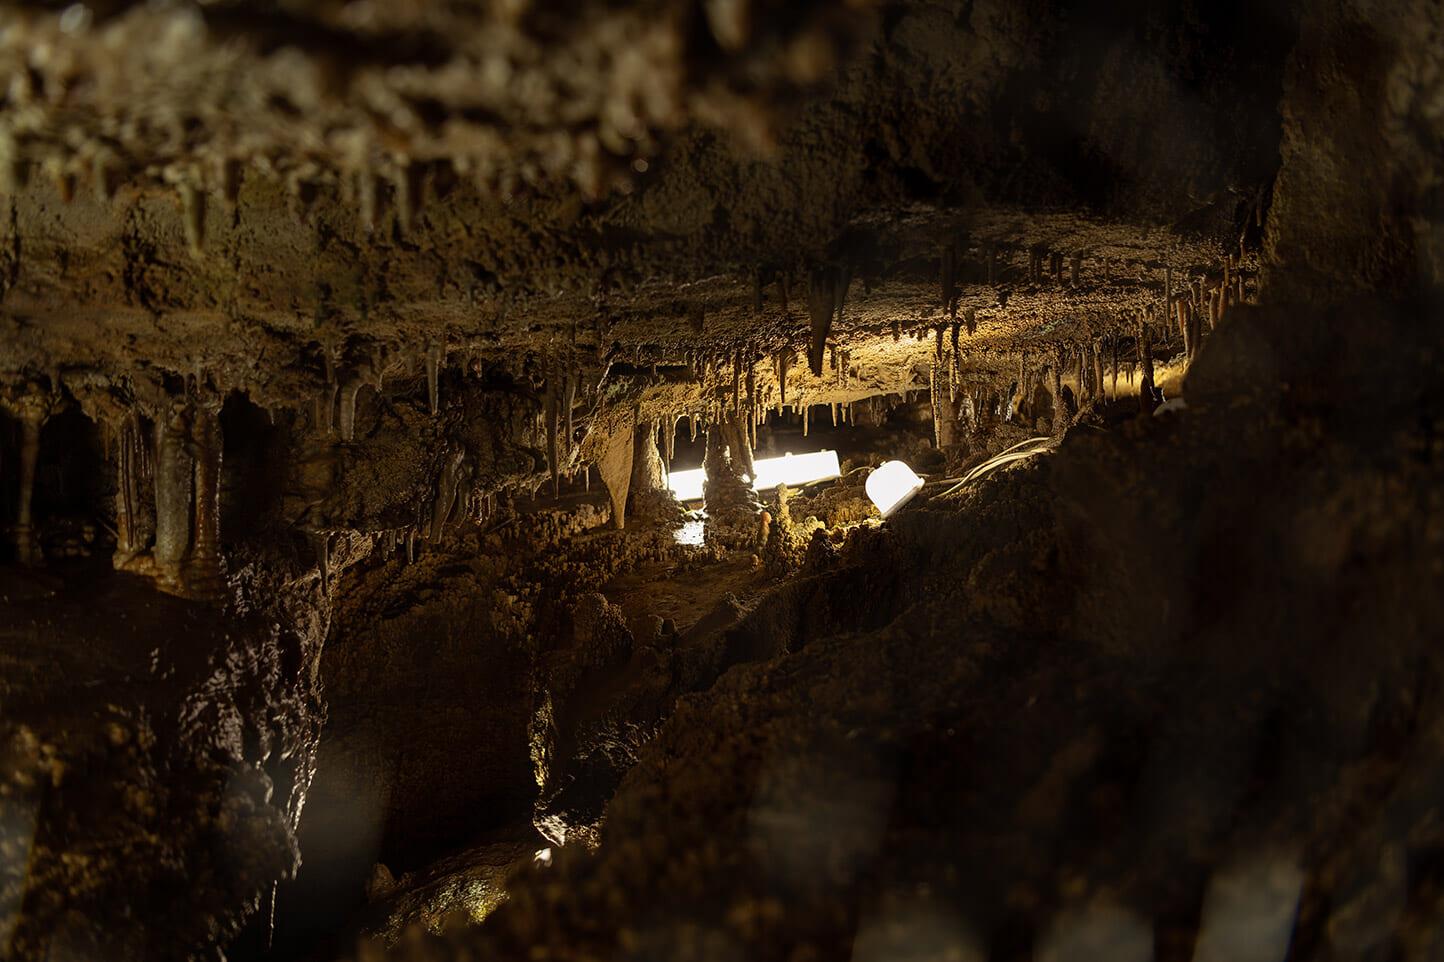 大滝鍾乳洞・縄文洞 スライダー画像3